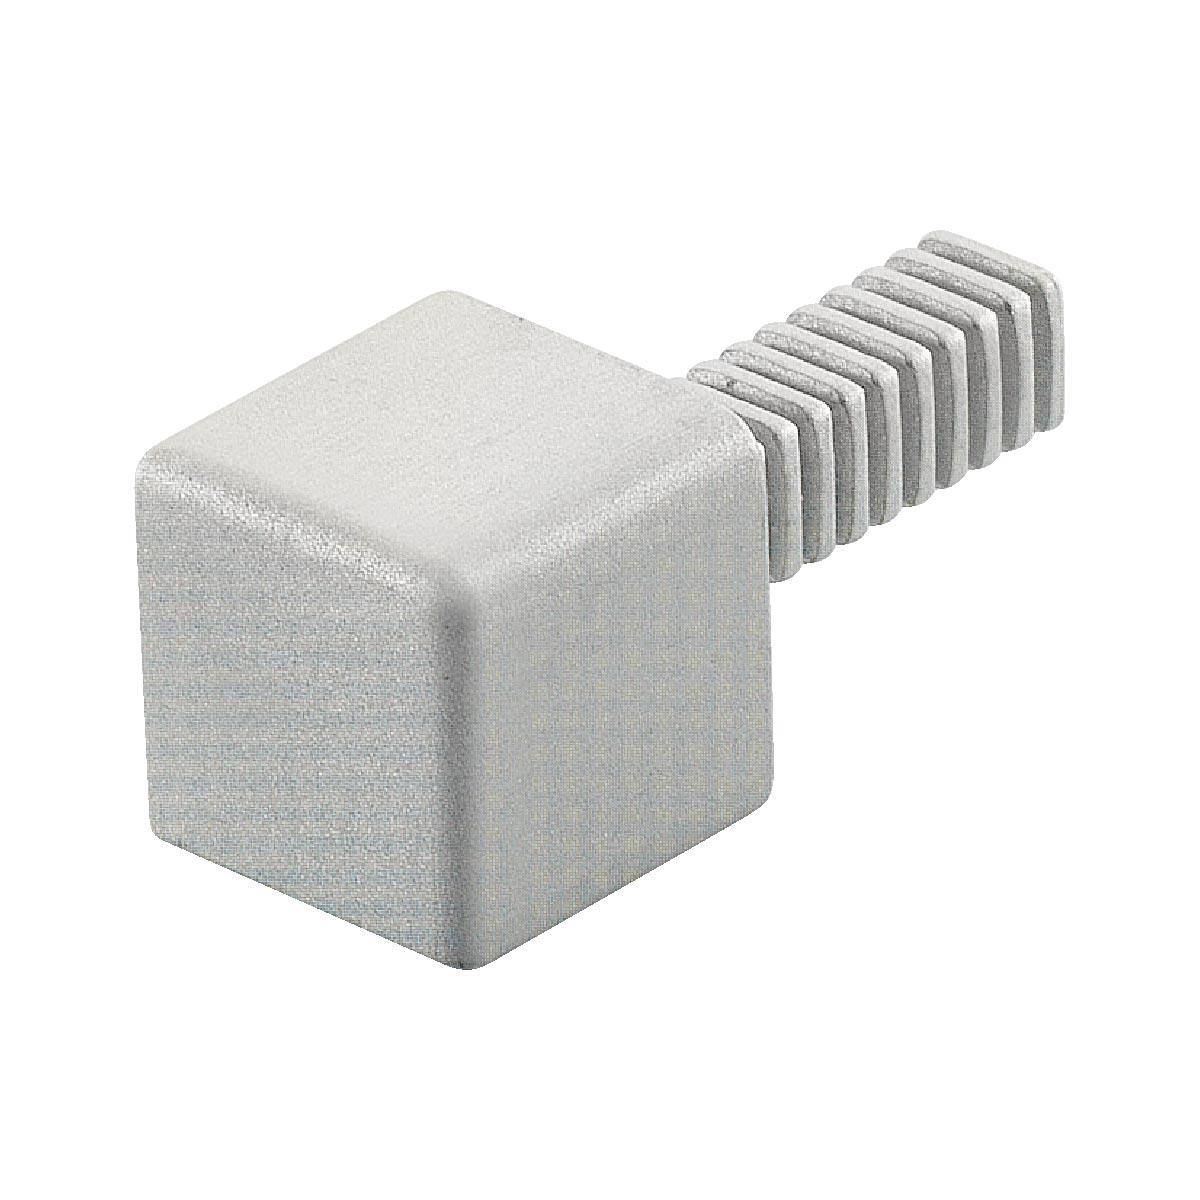 Profili per gradini Accessori Squarecapsule SJC A Profilitec